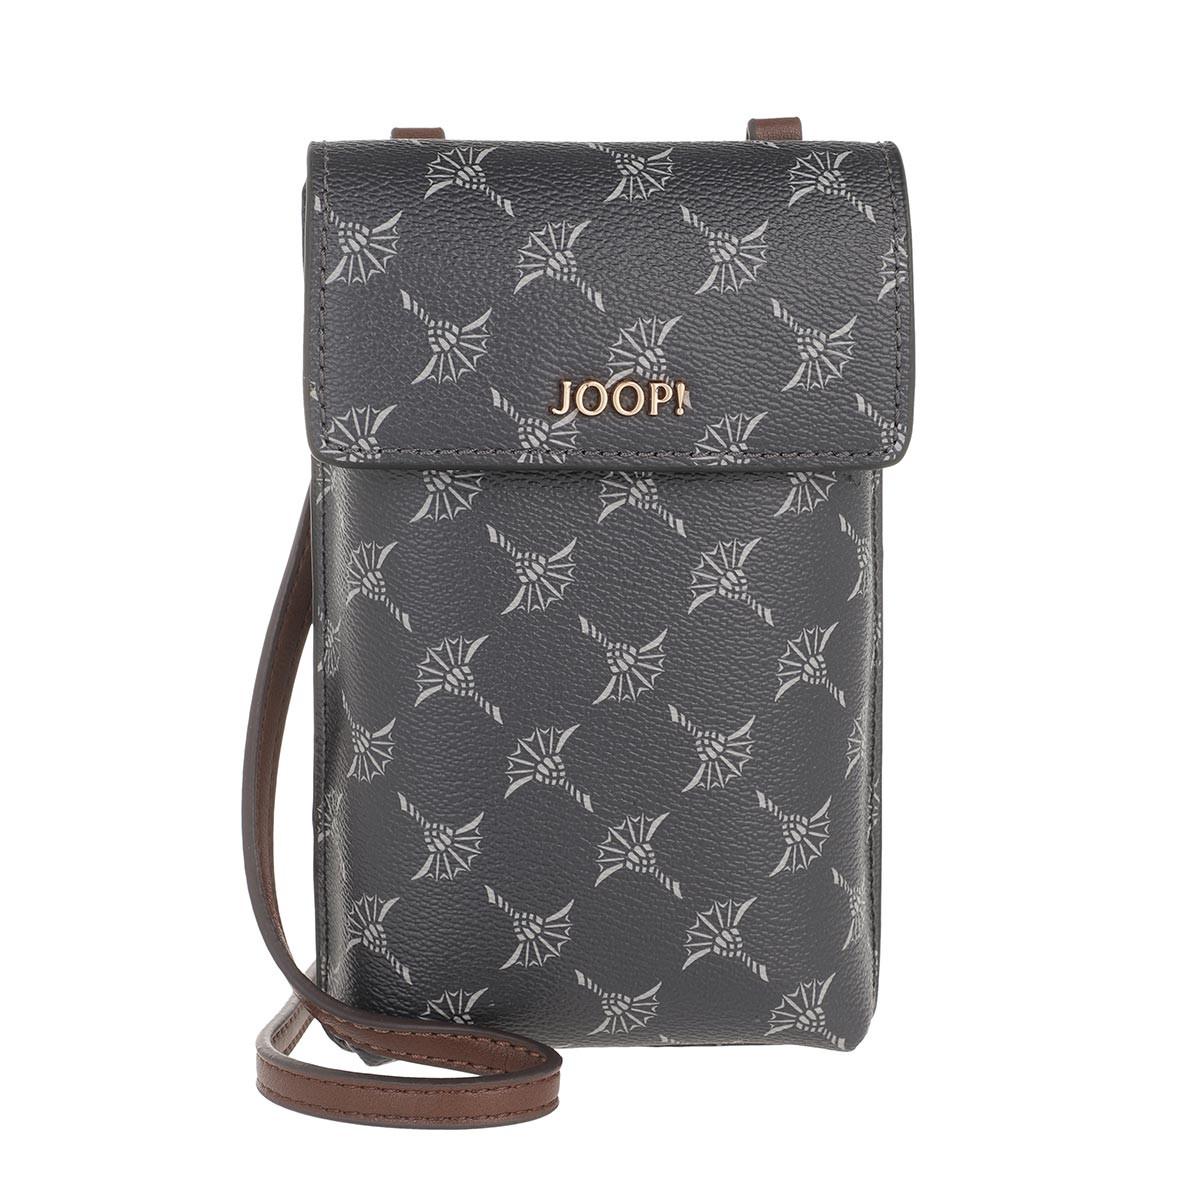 JOOP! Umhängetasche - Cortina Pippa Phone Case Crossbody Dark Grey - in grau - für Damen